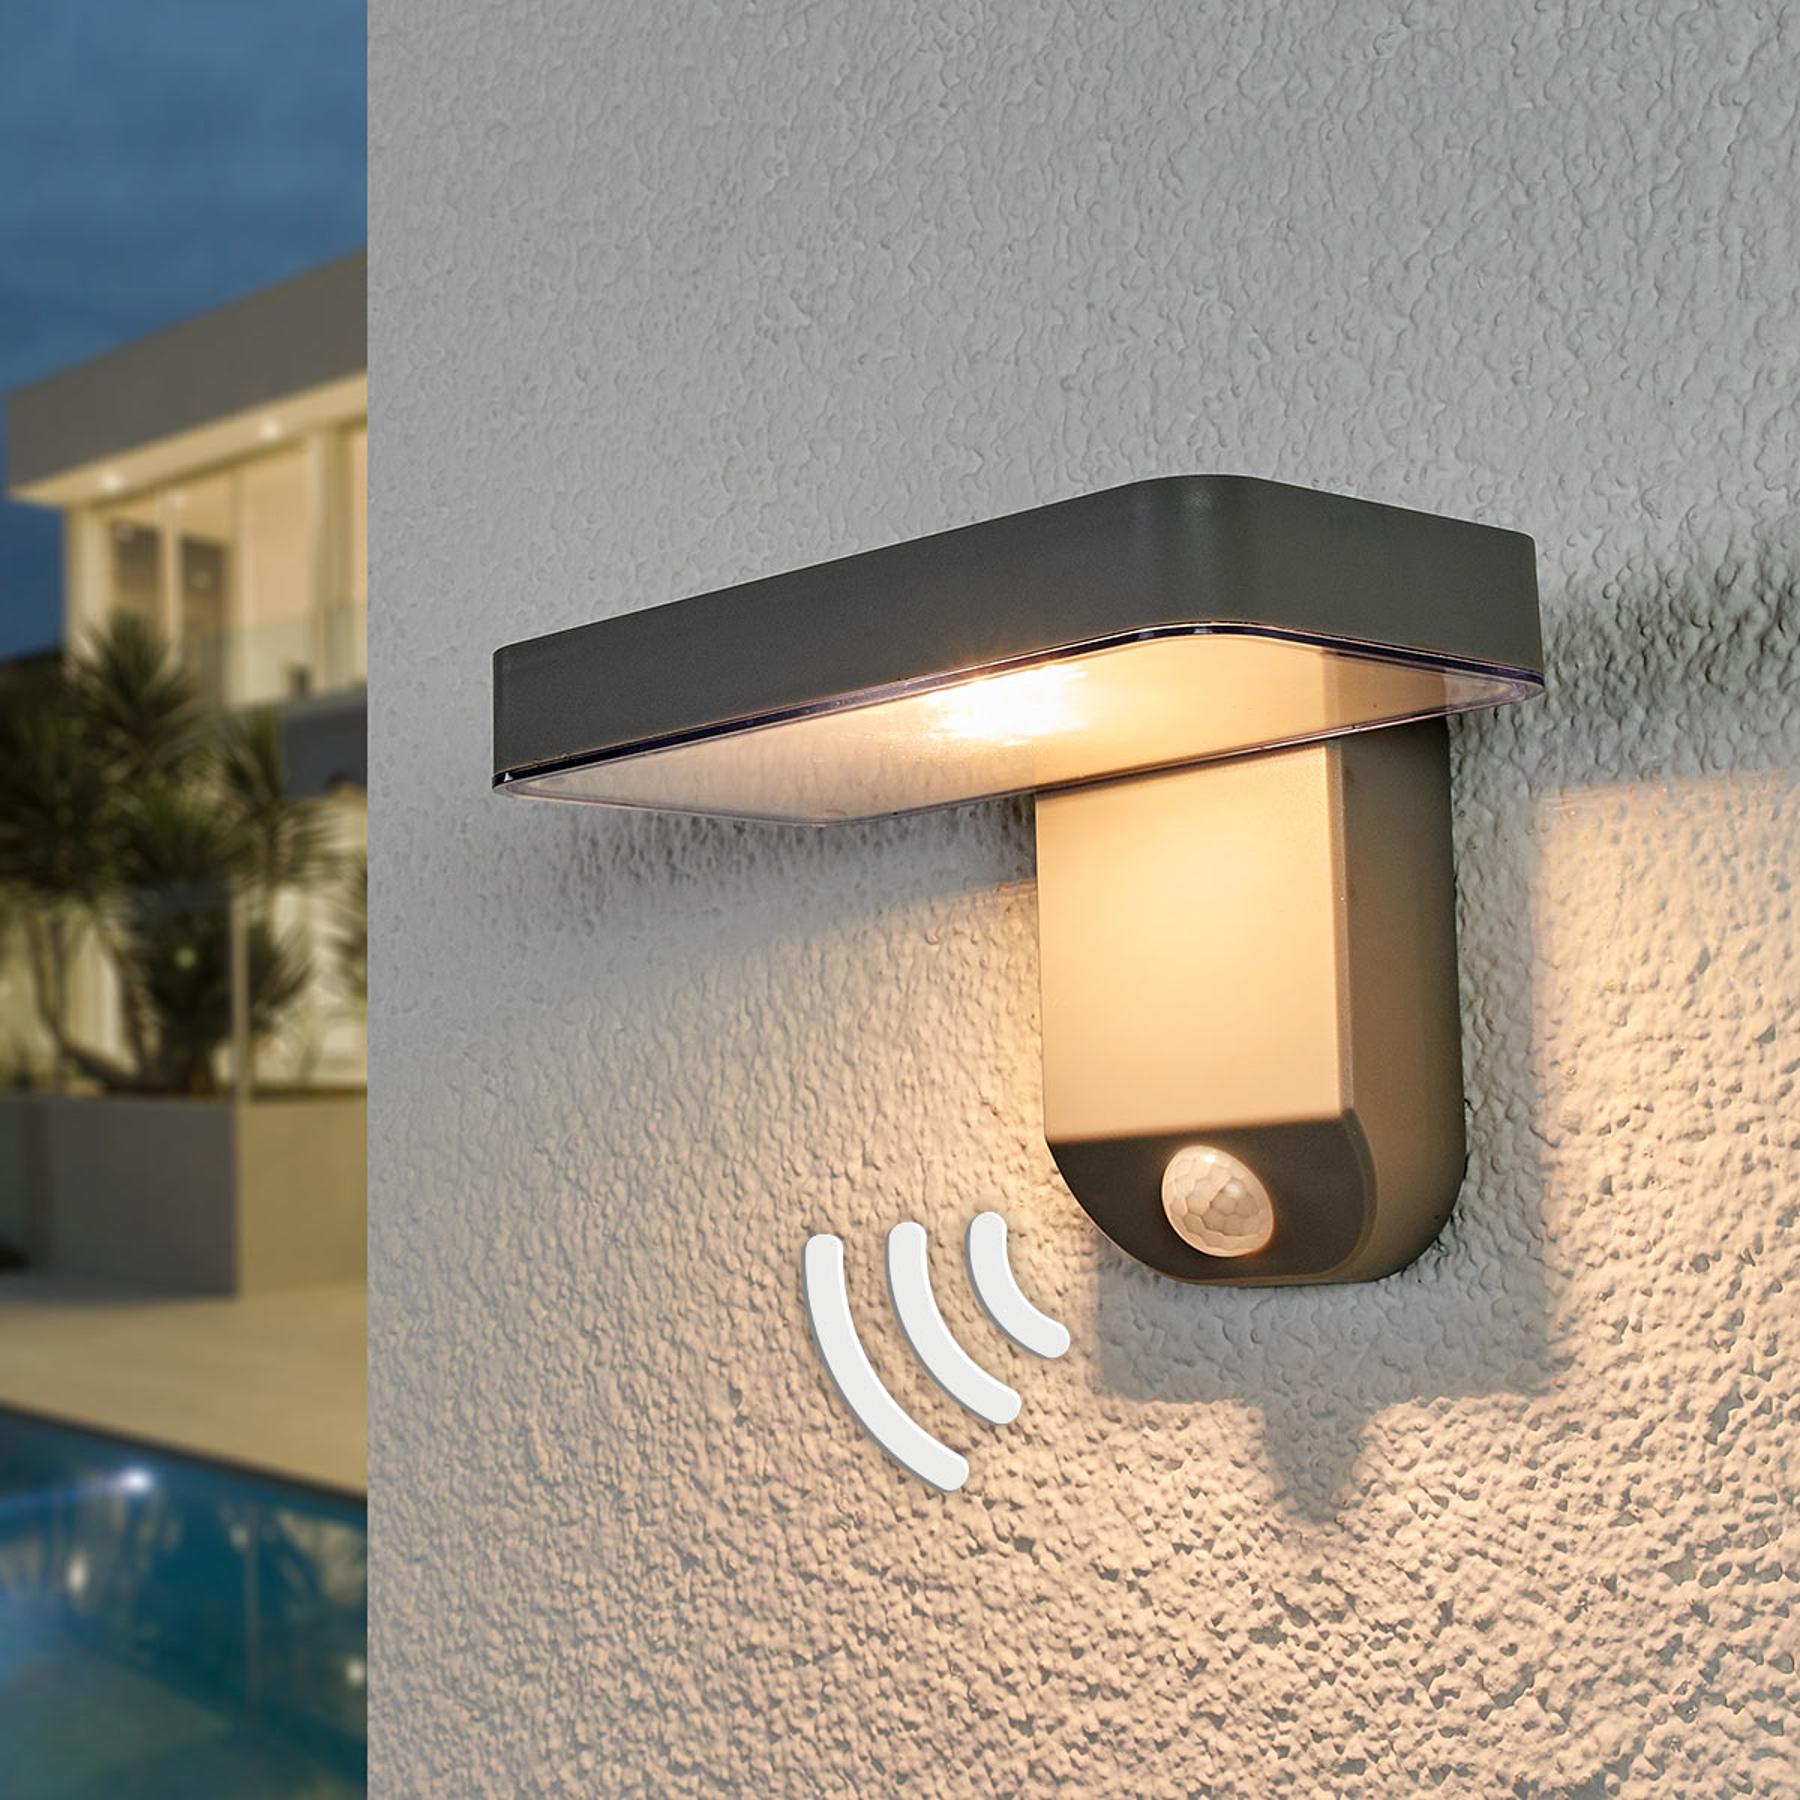 Lampa solarna LED Maik, czujnik, montaż ścienny